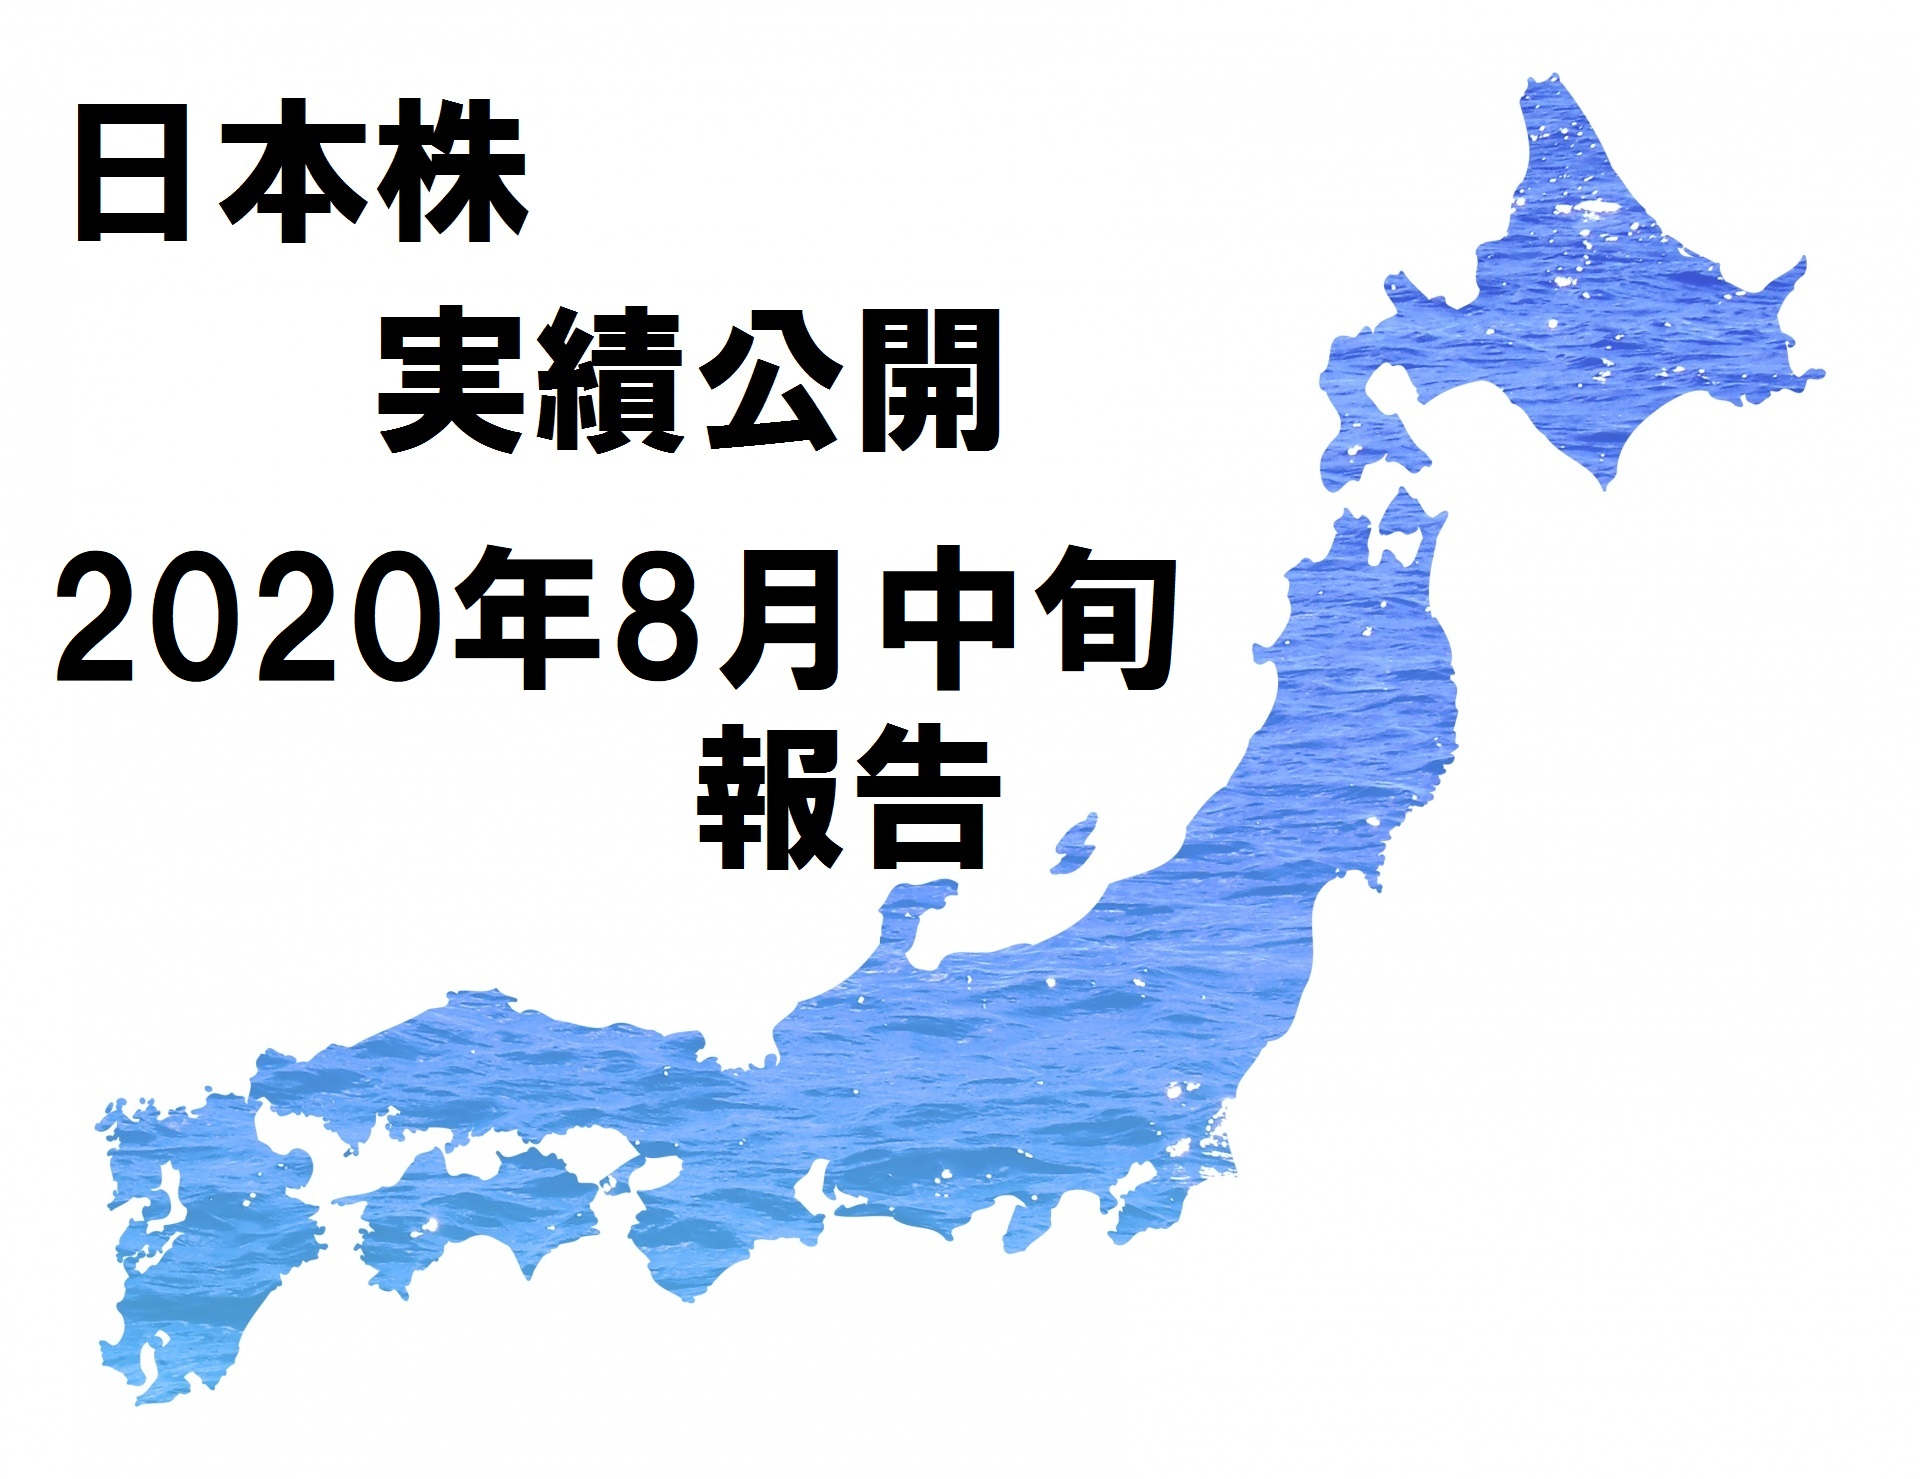 2020年8月中旬時点での日本株実績報告(全体は戻りつつある、個別銘柄のリスク